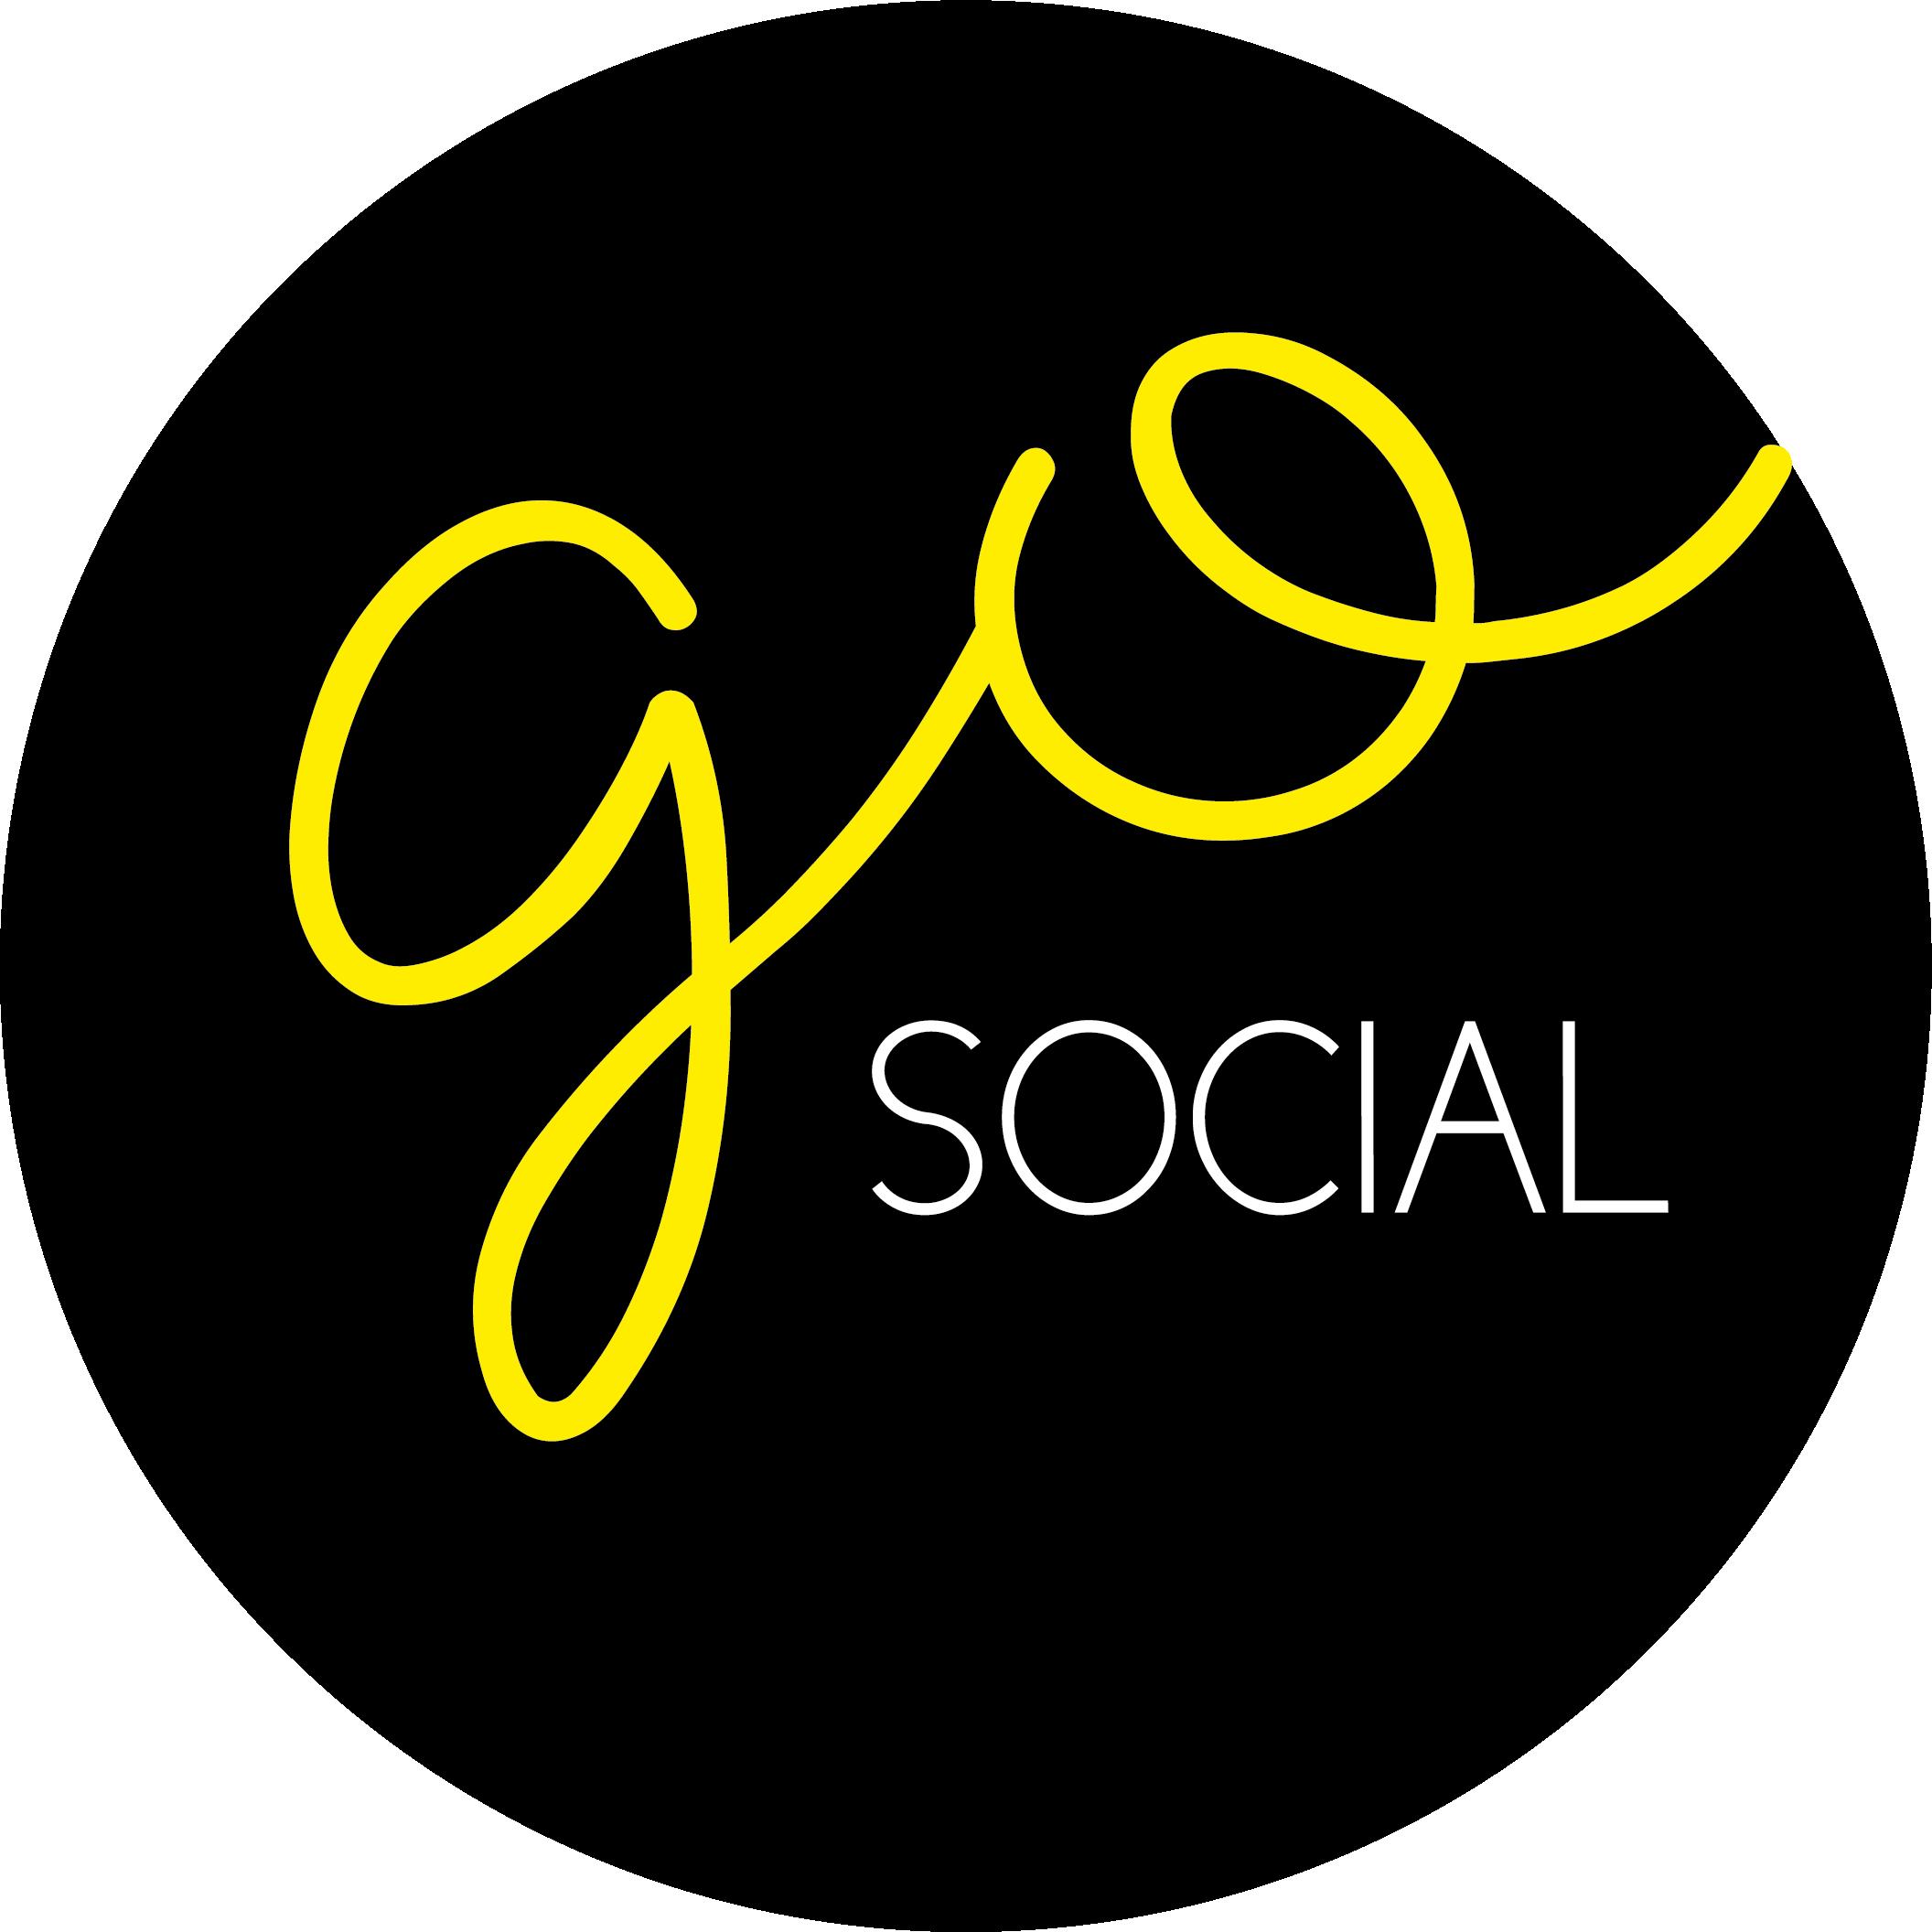 logo Go Social